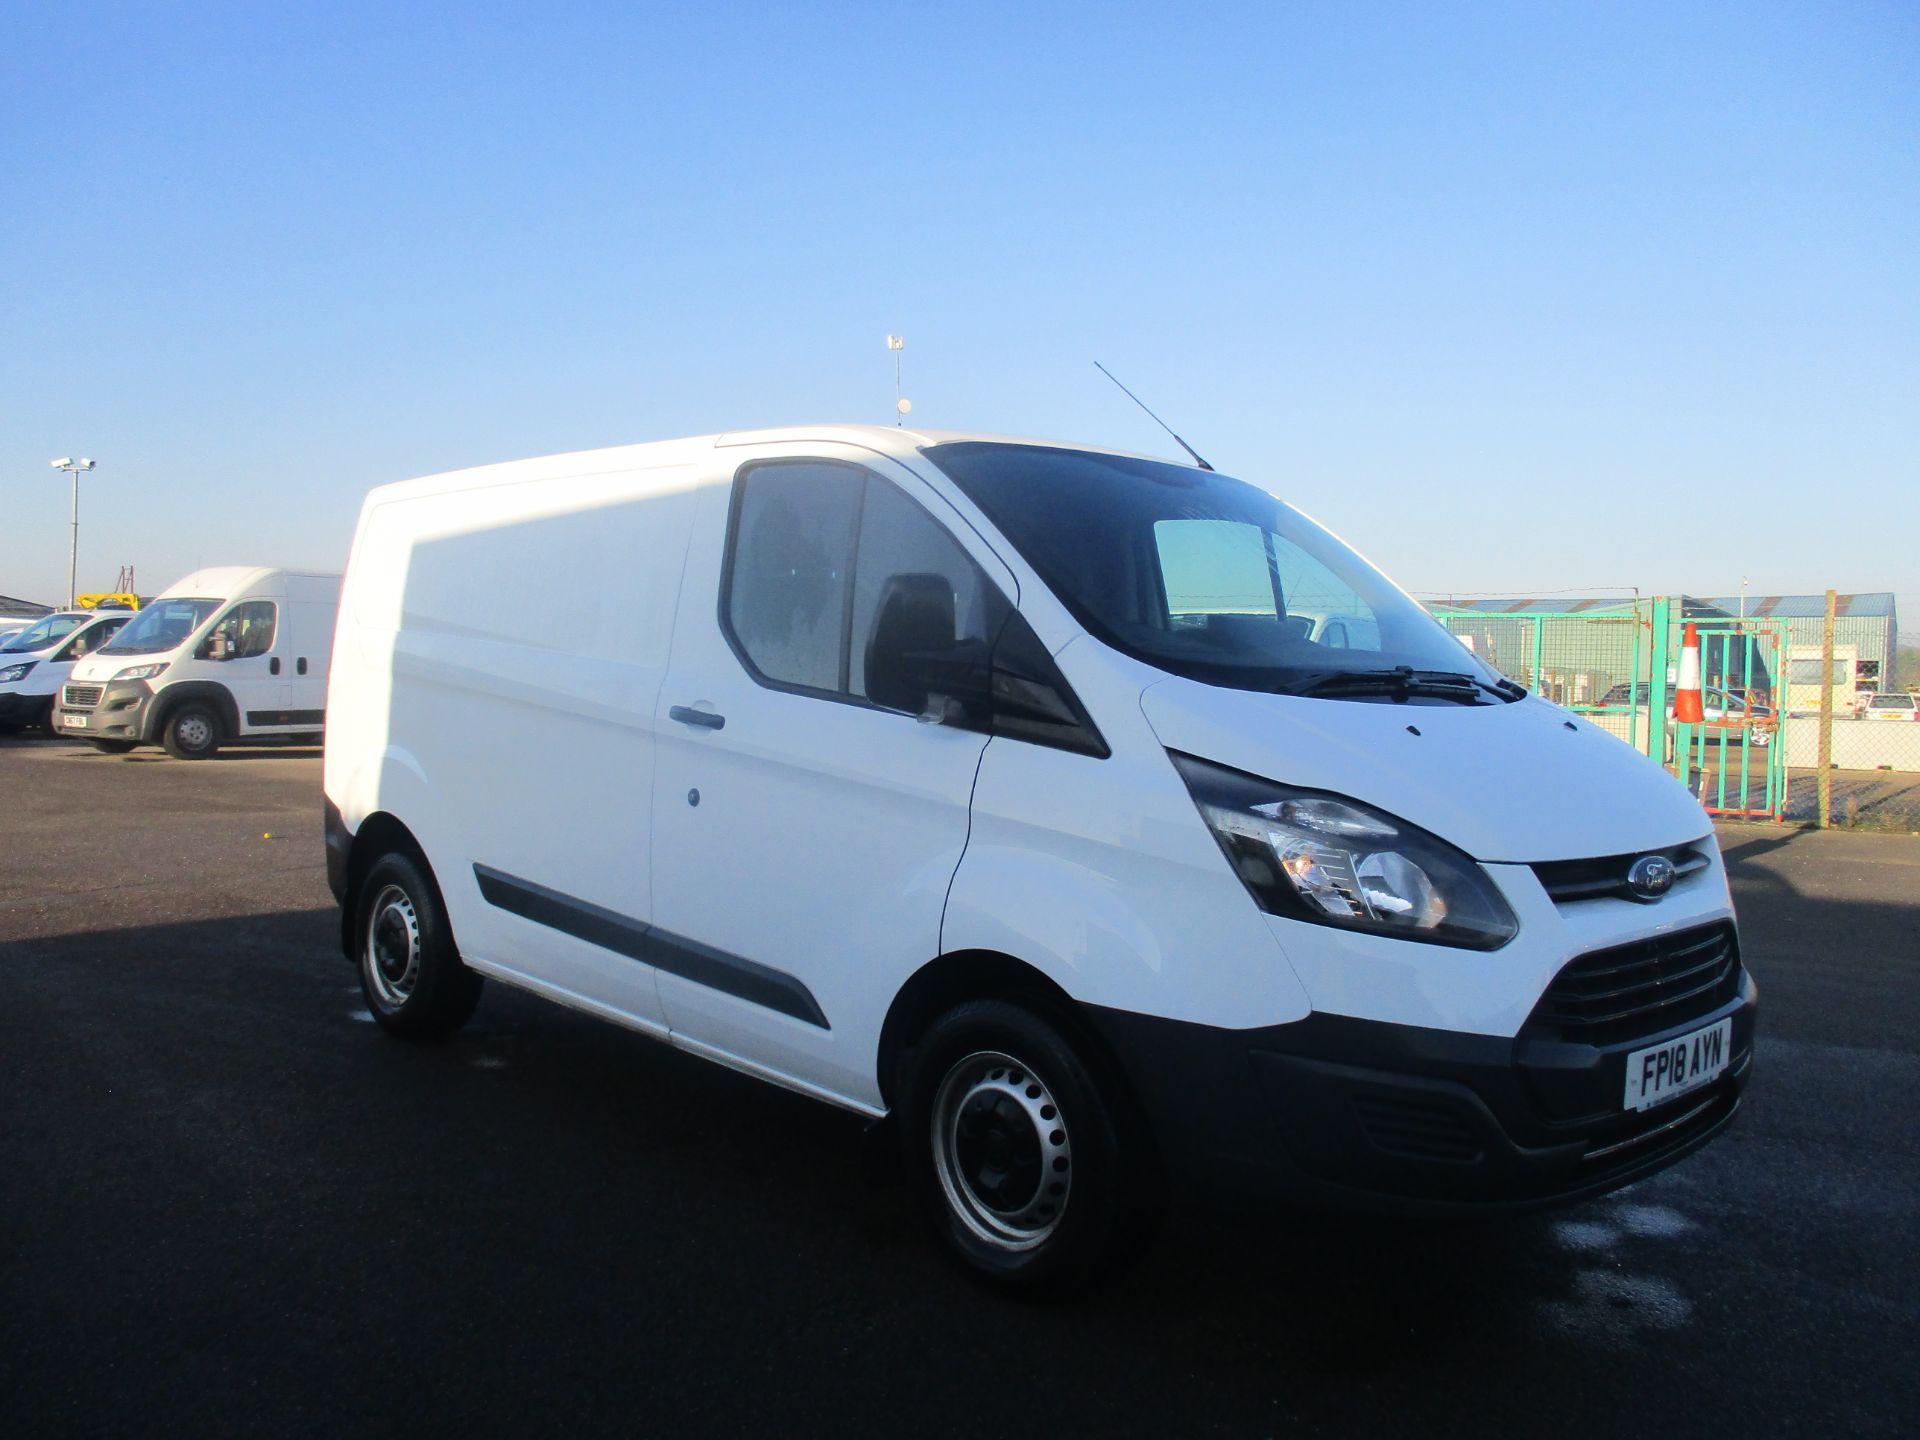 2018 Ford Transit Custom 290 L1 DIESEL FWD 2.0 TDCI 105PS LOW ROOF VAN EURO 6 (FP18AYN)